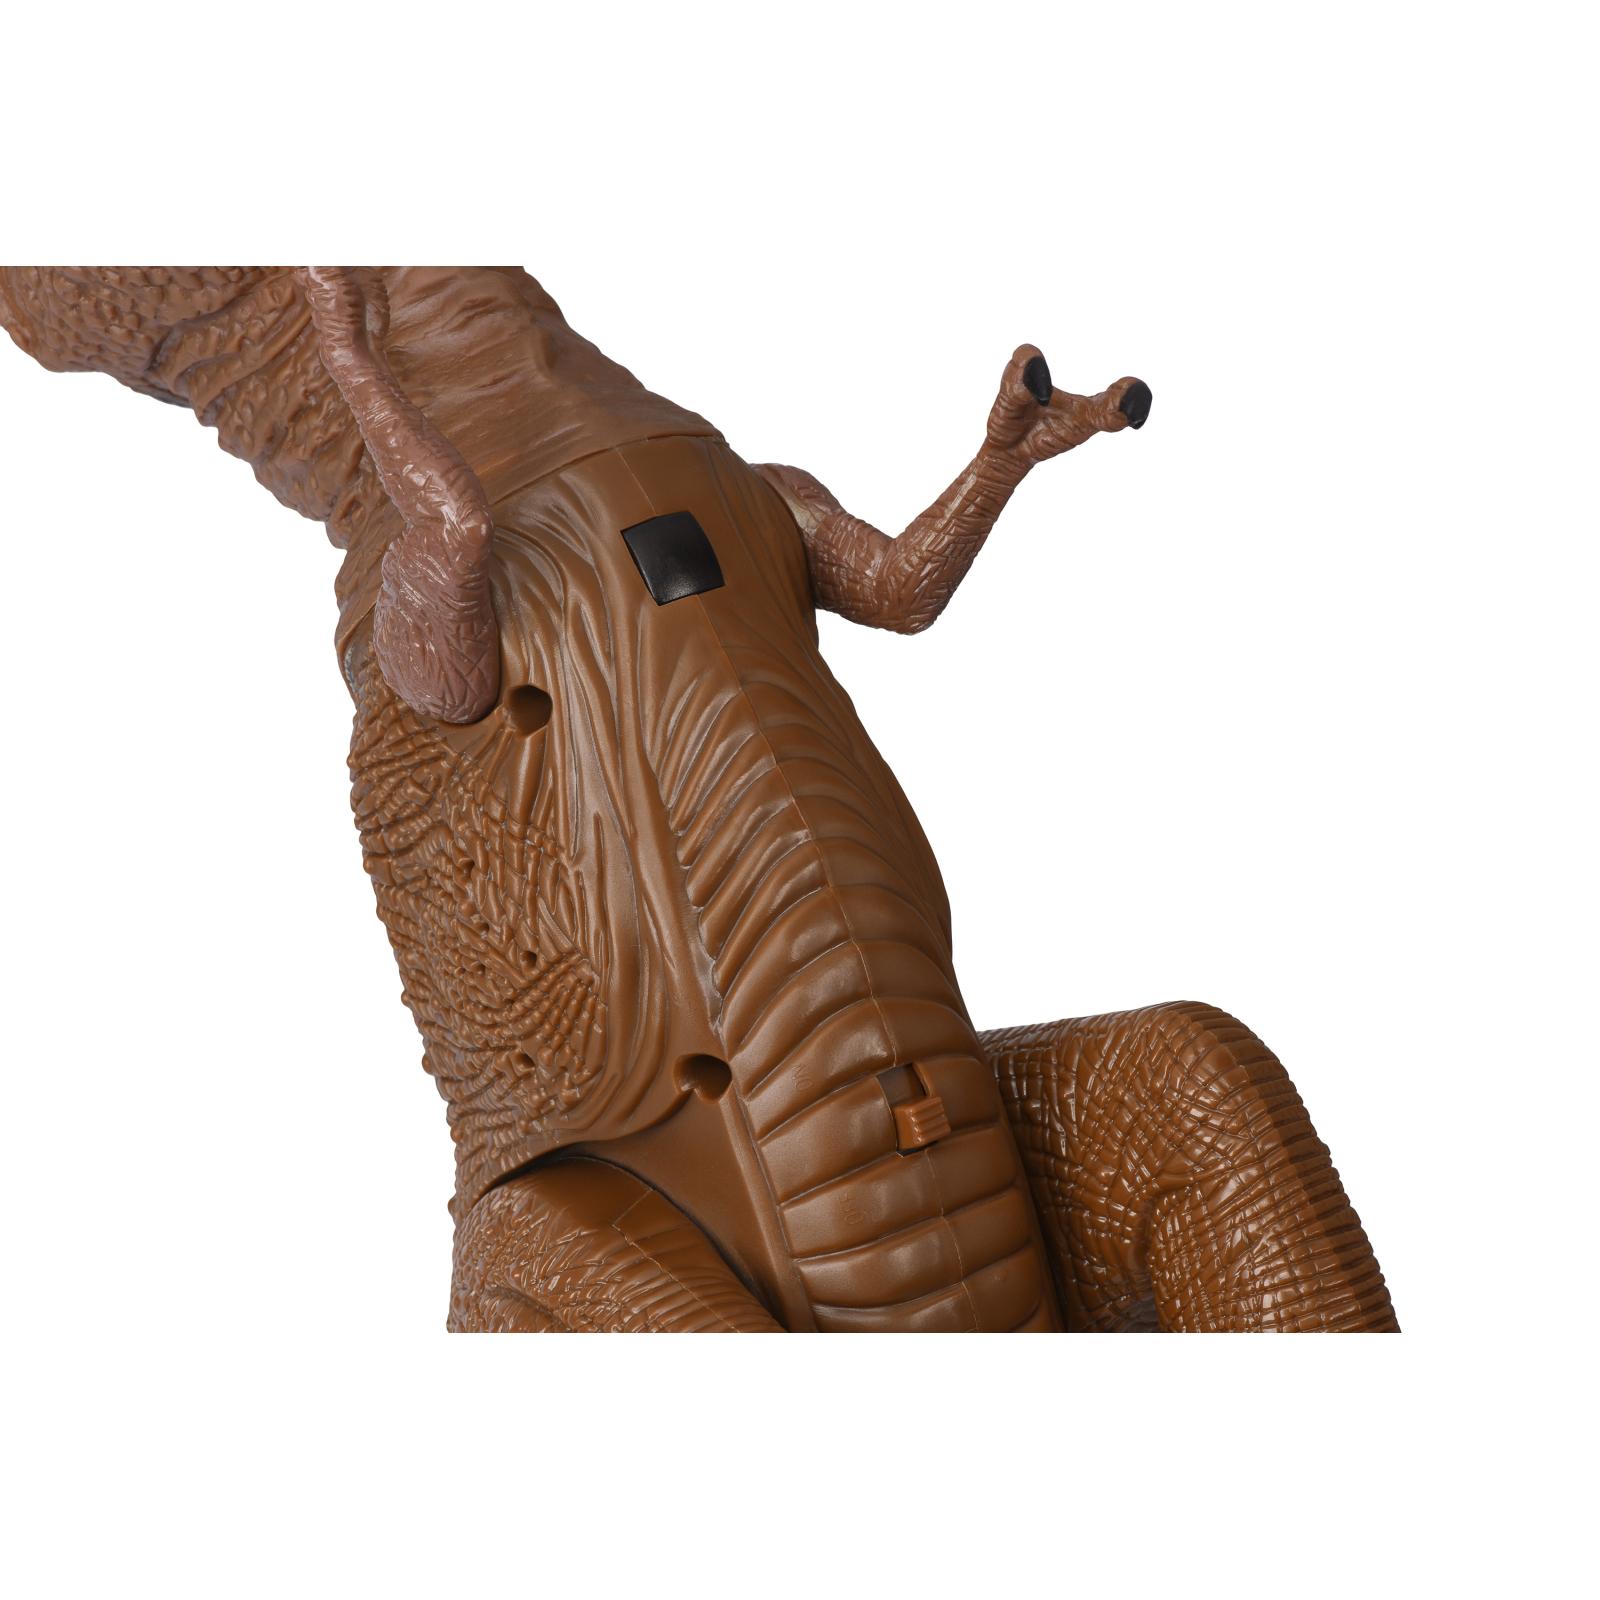 Интерактивная игрушка Same Toy Динозавр Dinosaur Planet коричневый со светом и звуком (RS6133Ut) изображение 9